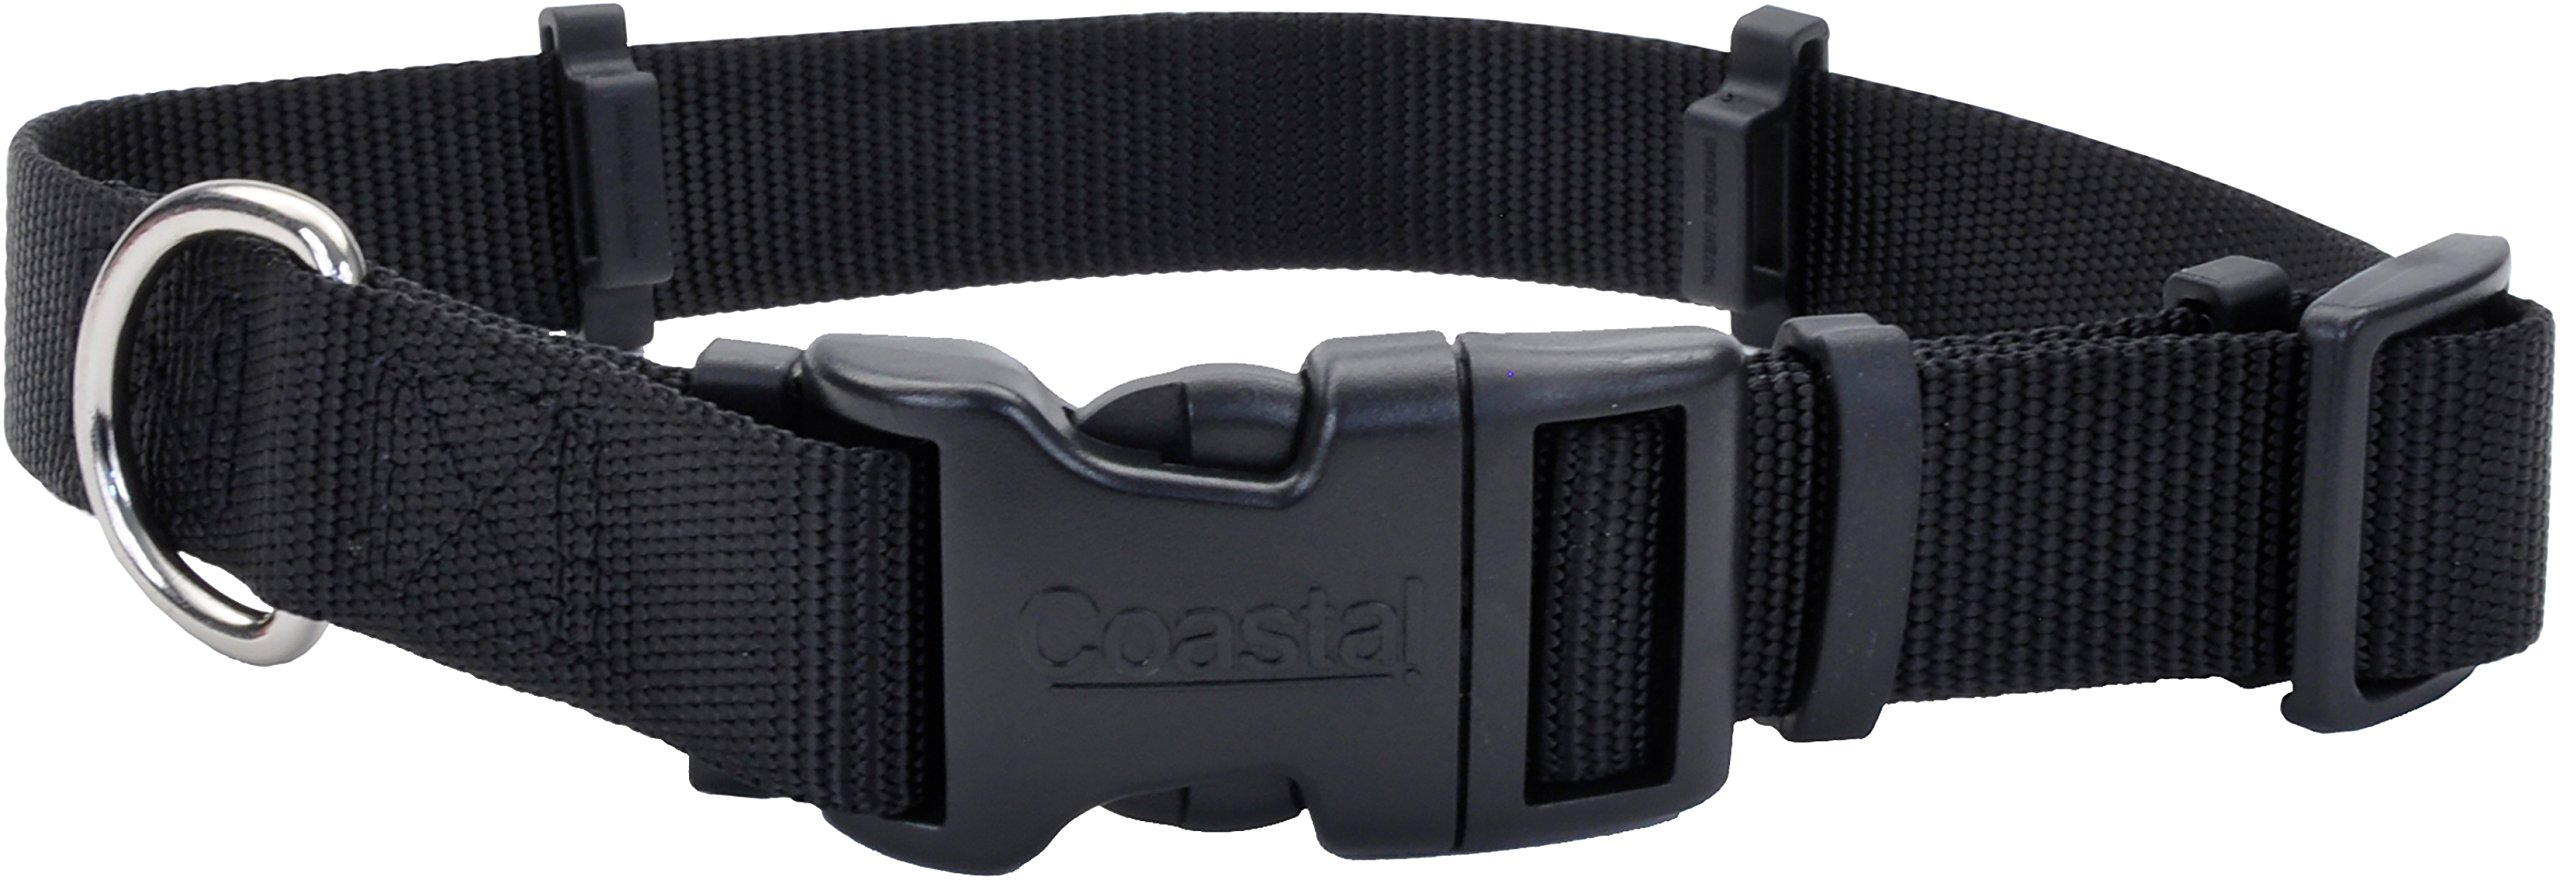 Coastal Pet Products 06142 BLK12 Flea Collar Protector, 0.625'' x 12'' X-Small, Black